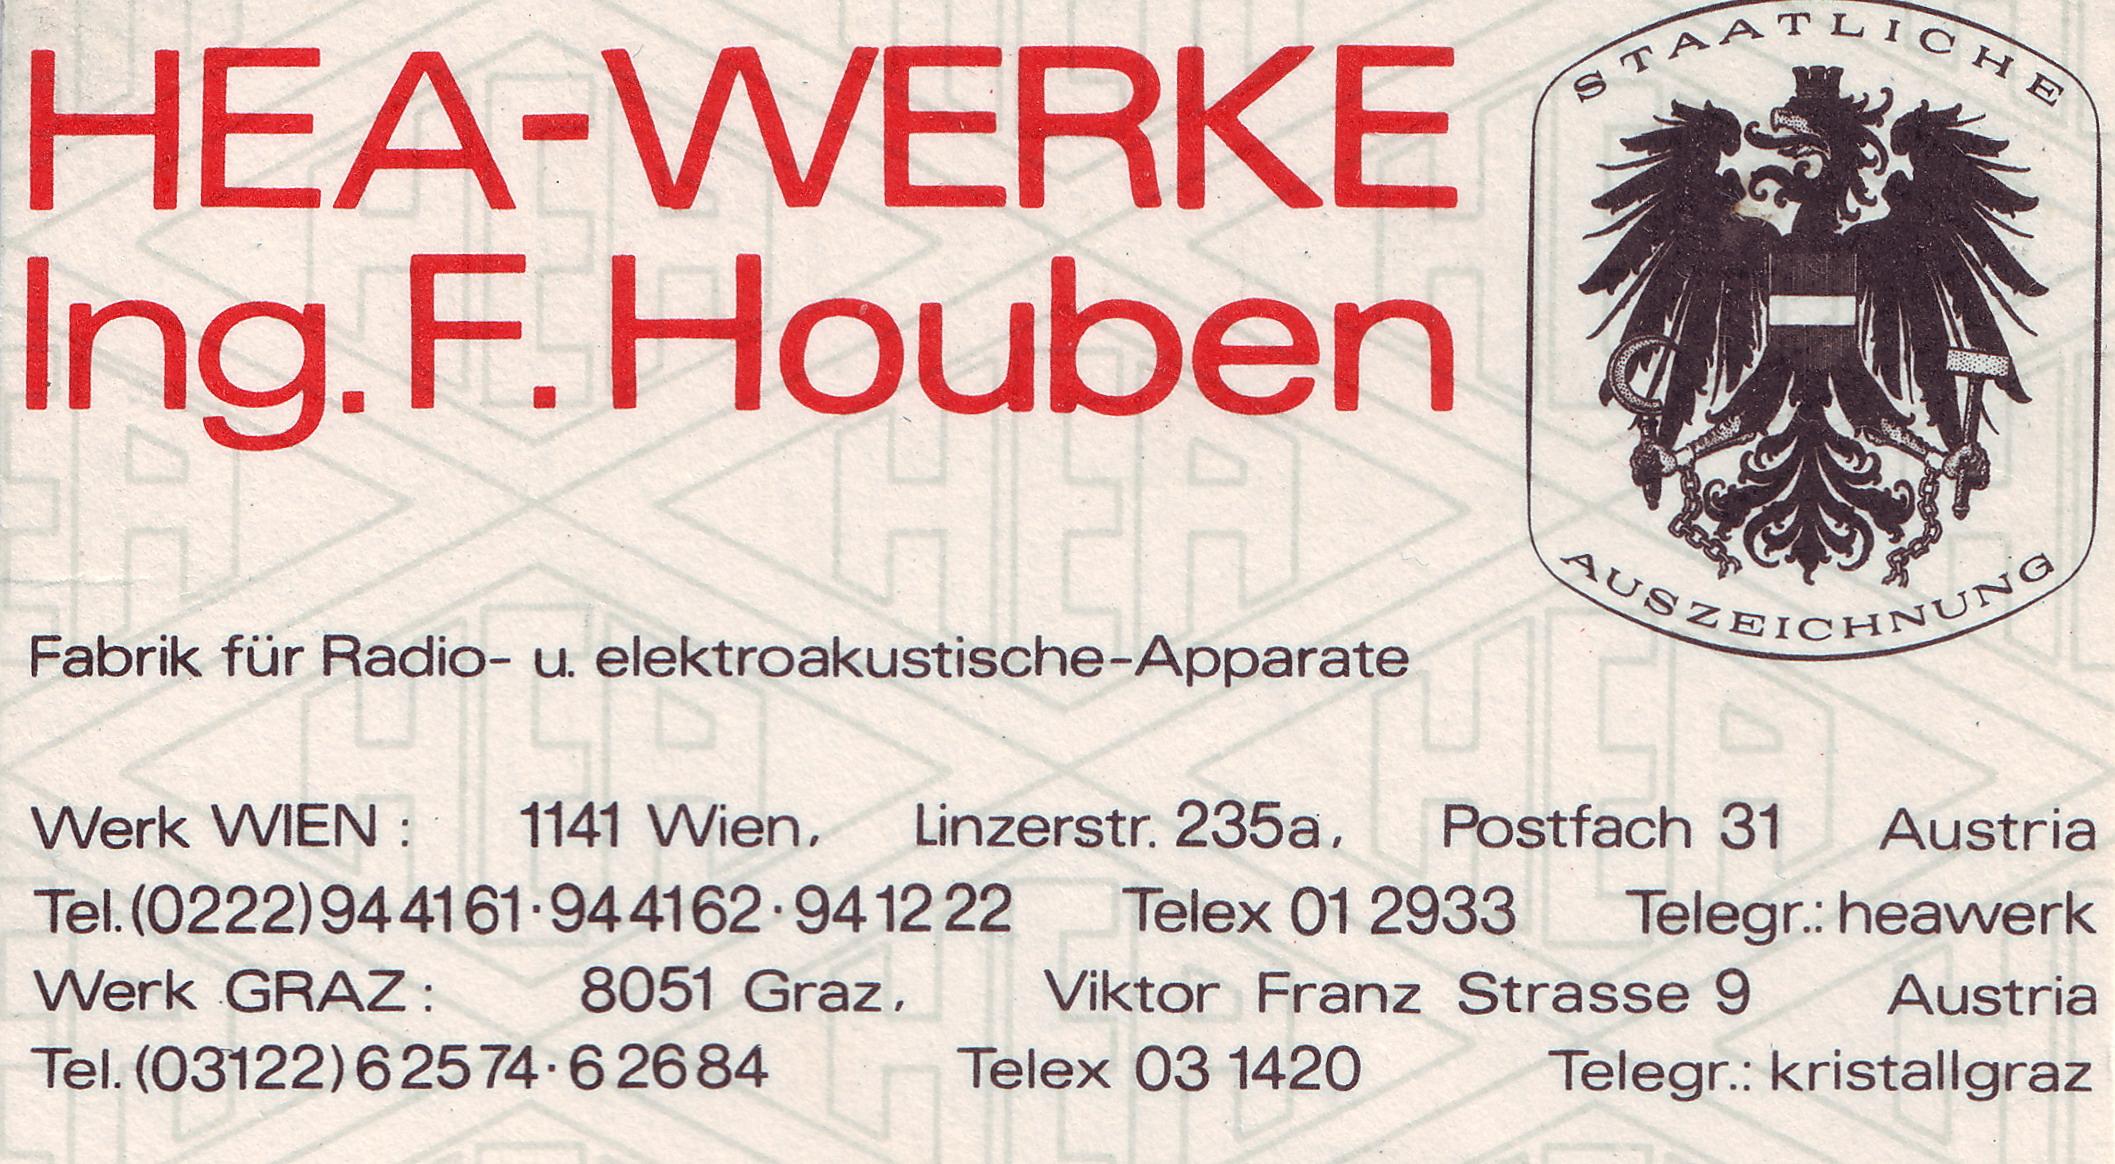 Datei Hea Werke Ing F Houben Visitenkarte Jpg Wikipedia